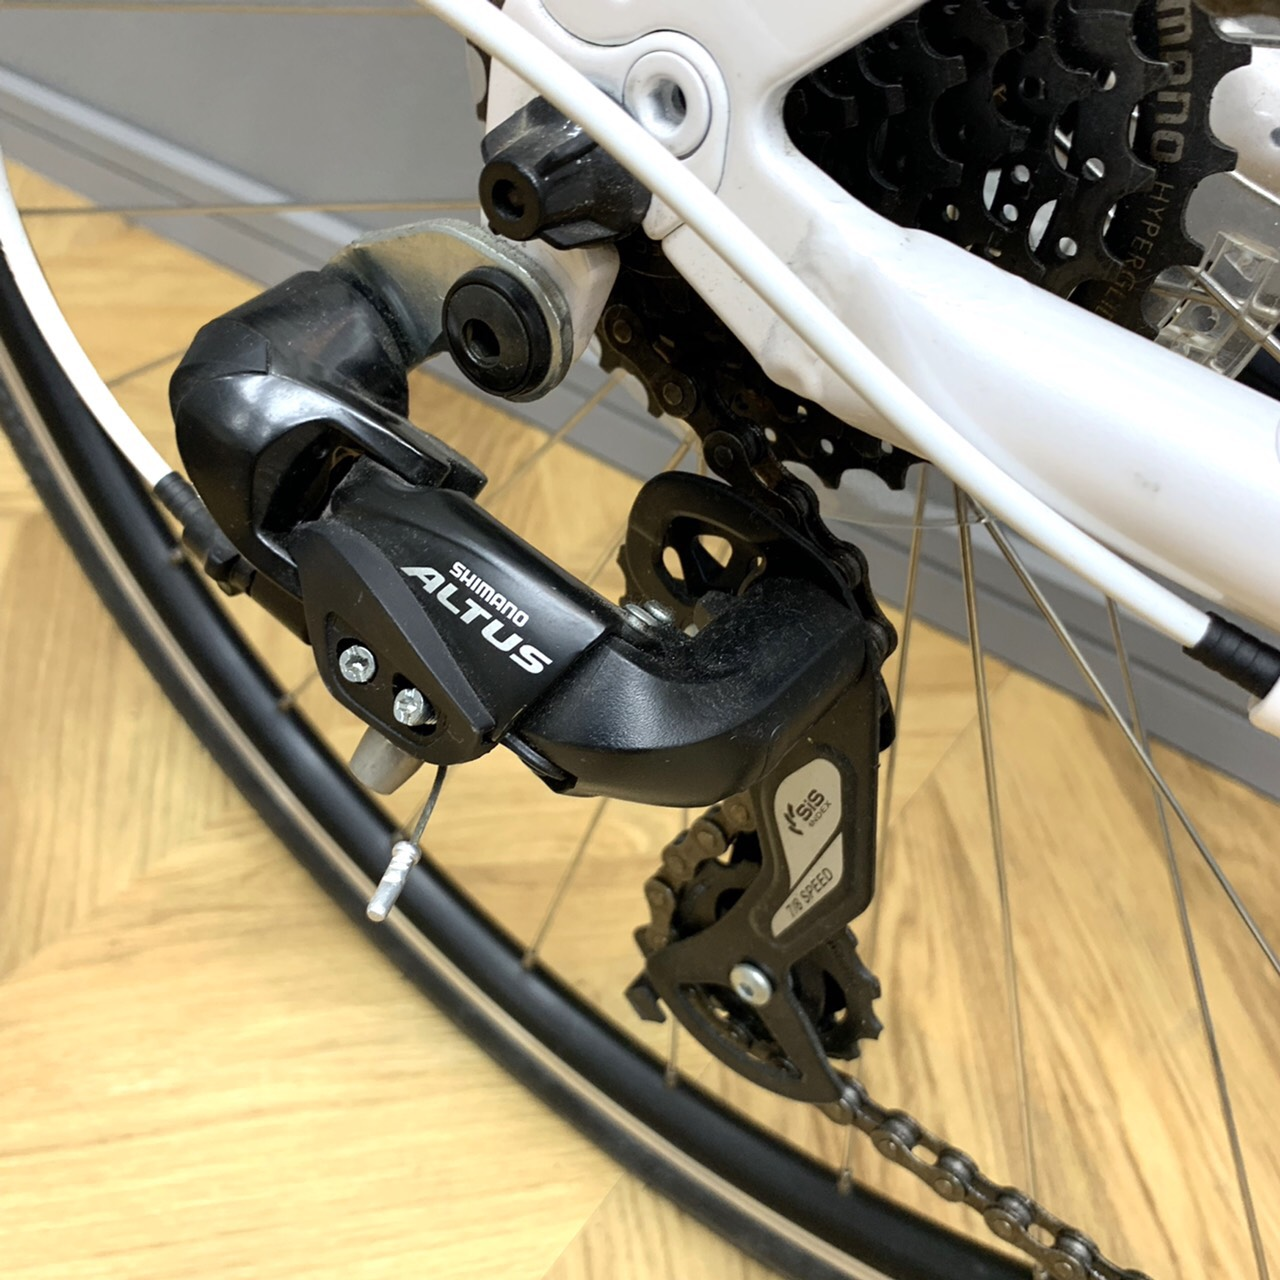 LOUIS GARNEAU ルイガノ クロスバイク CHASSEシャッセ  2014年モデル4